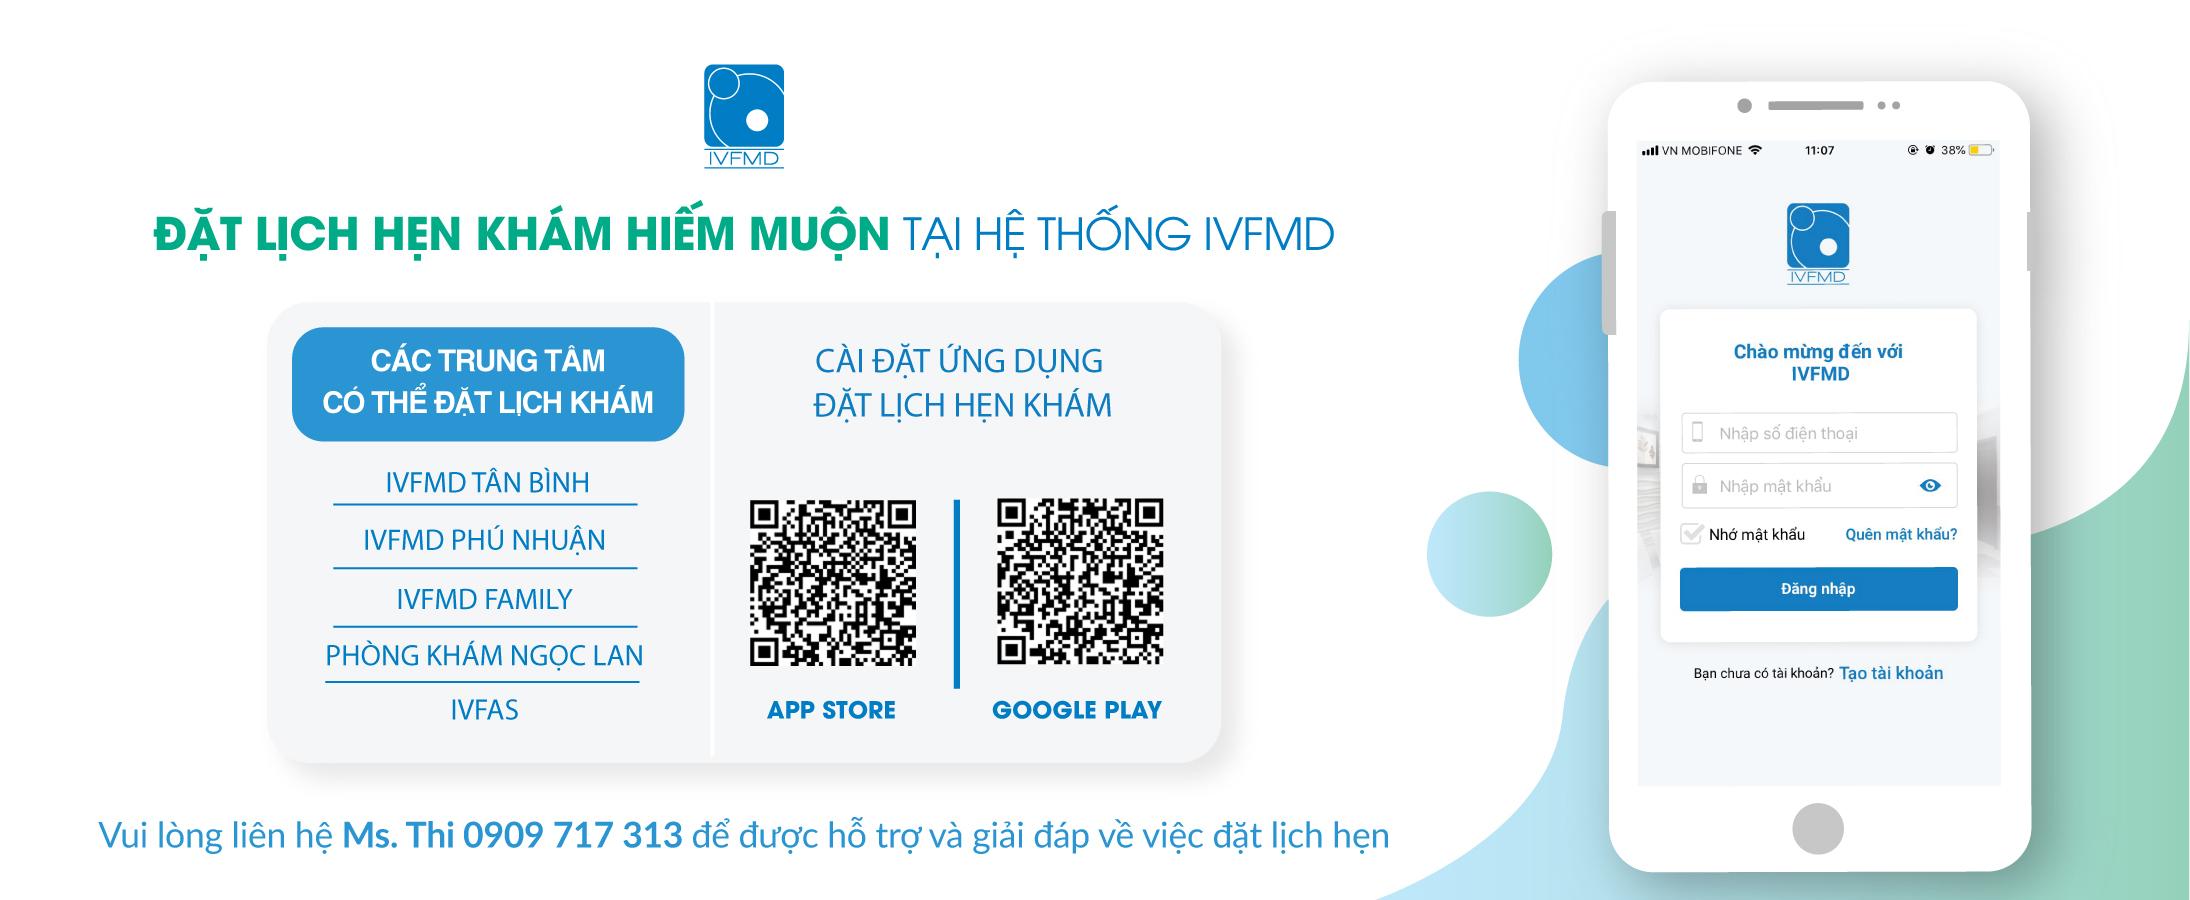 IVFMD-Datlichhen-bannerweb-01